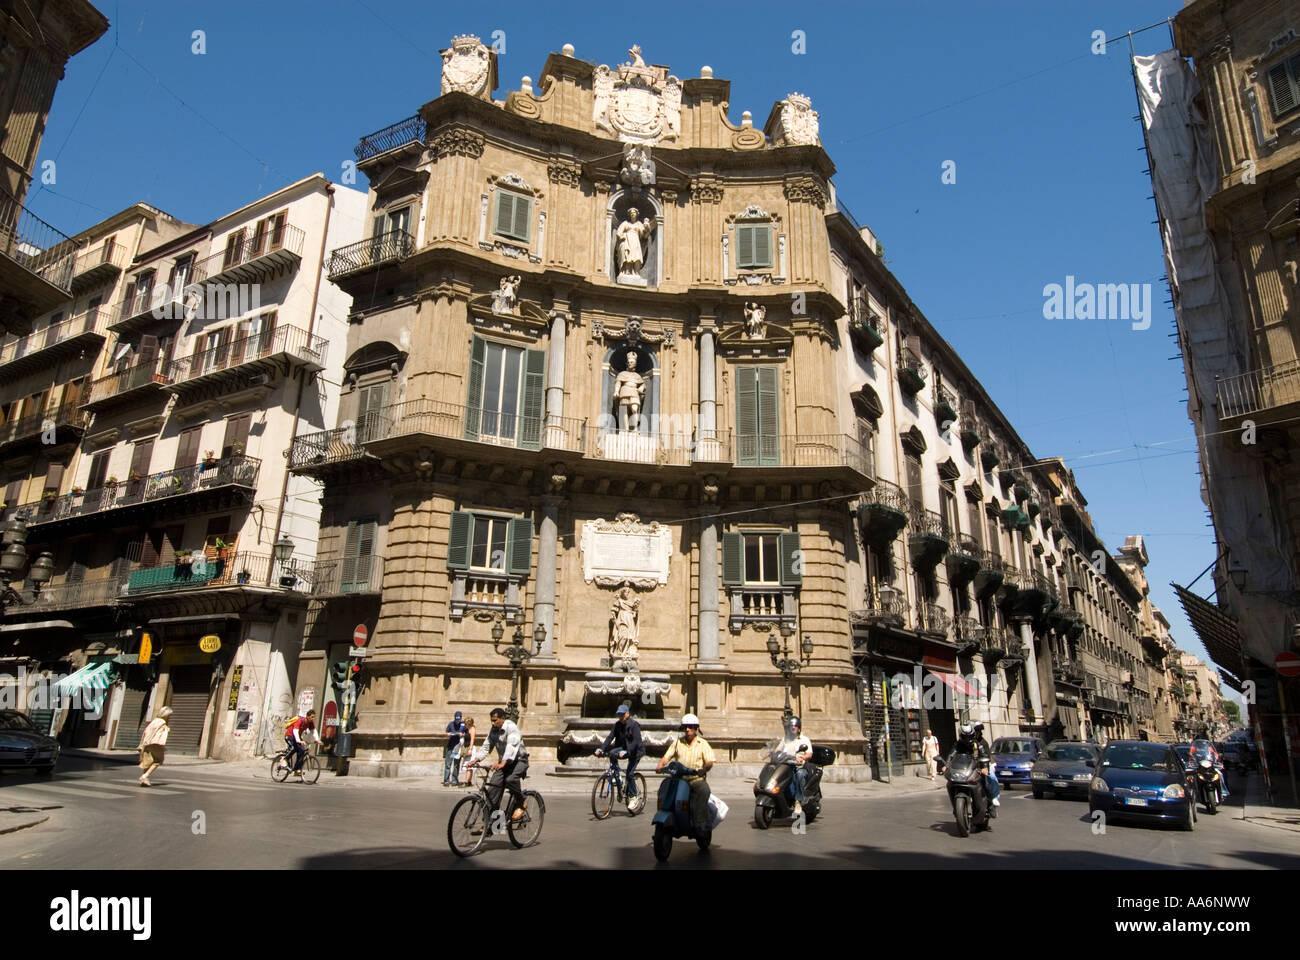 Quattro Canti di citta at Piazza Vigliena, Palermo, Sicily, Italy - Stock Image